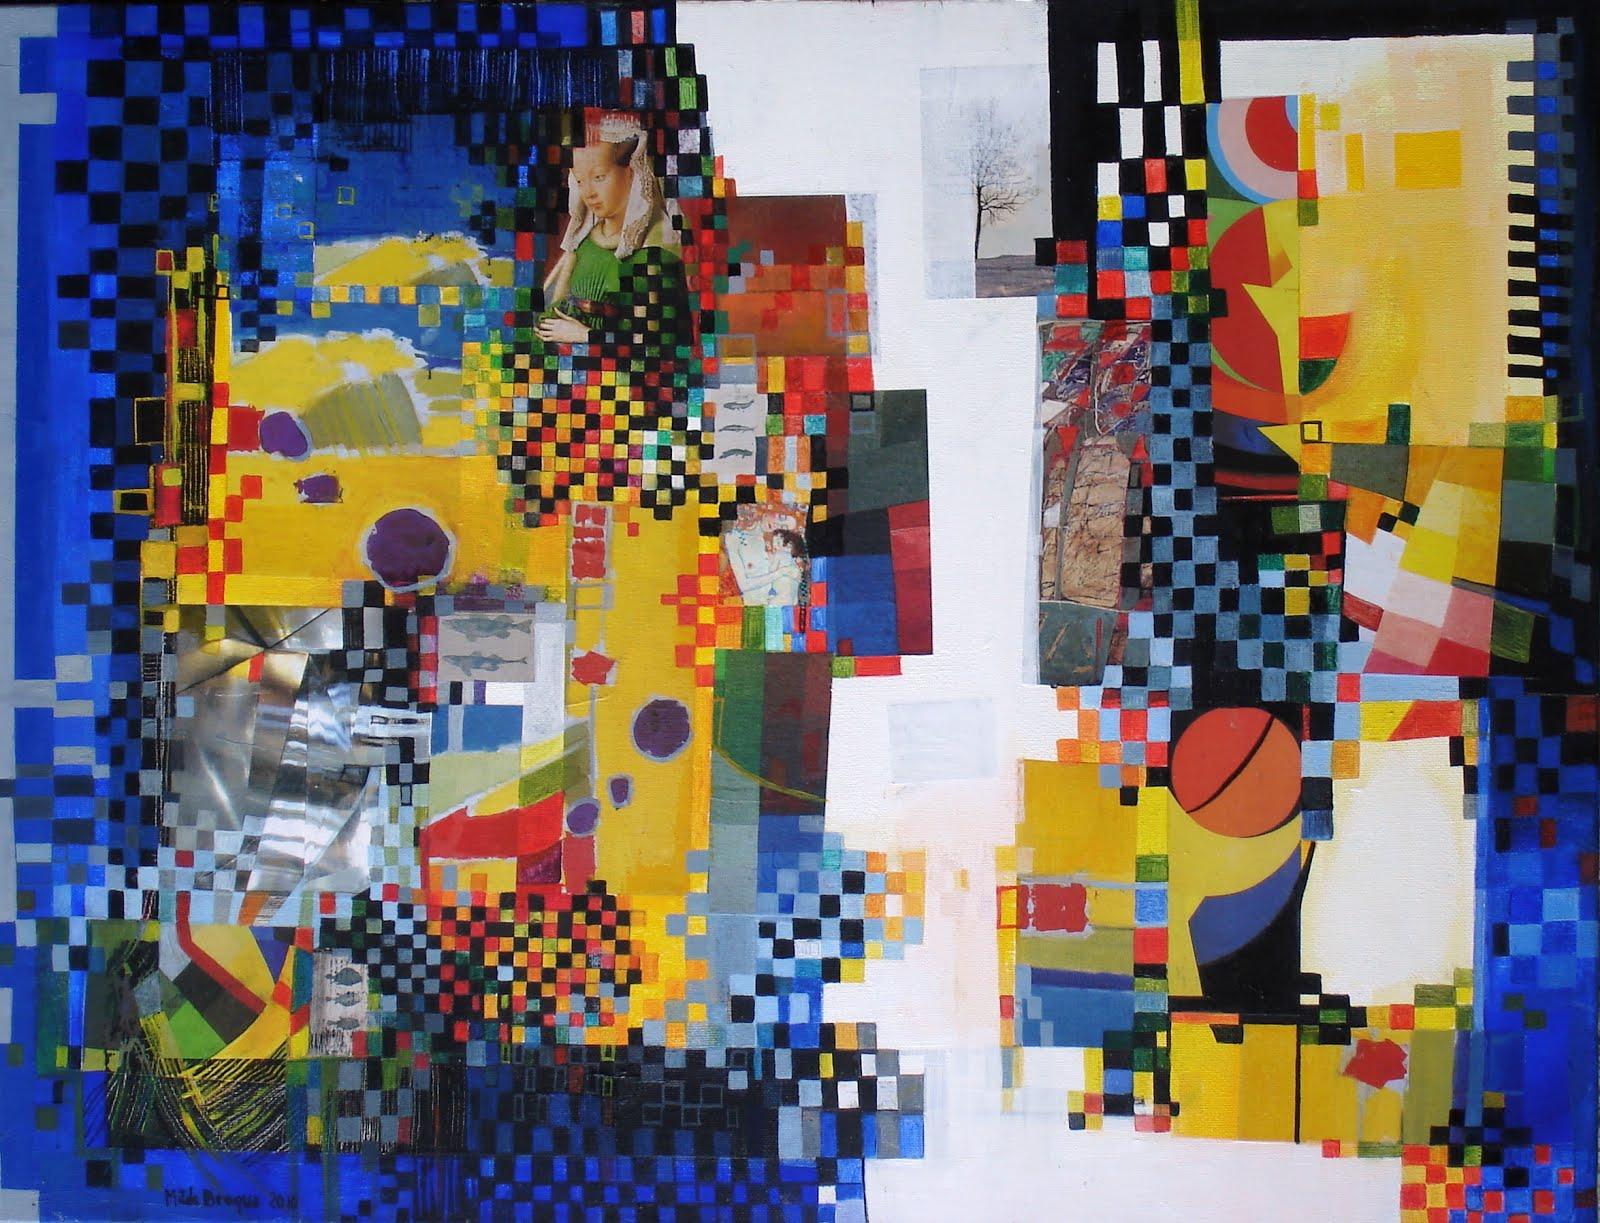 Etreinte - 61 x 46 cm - 2010